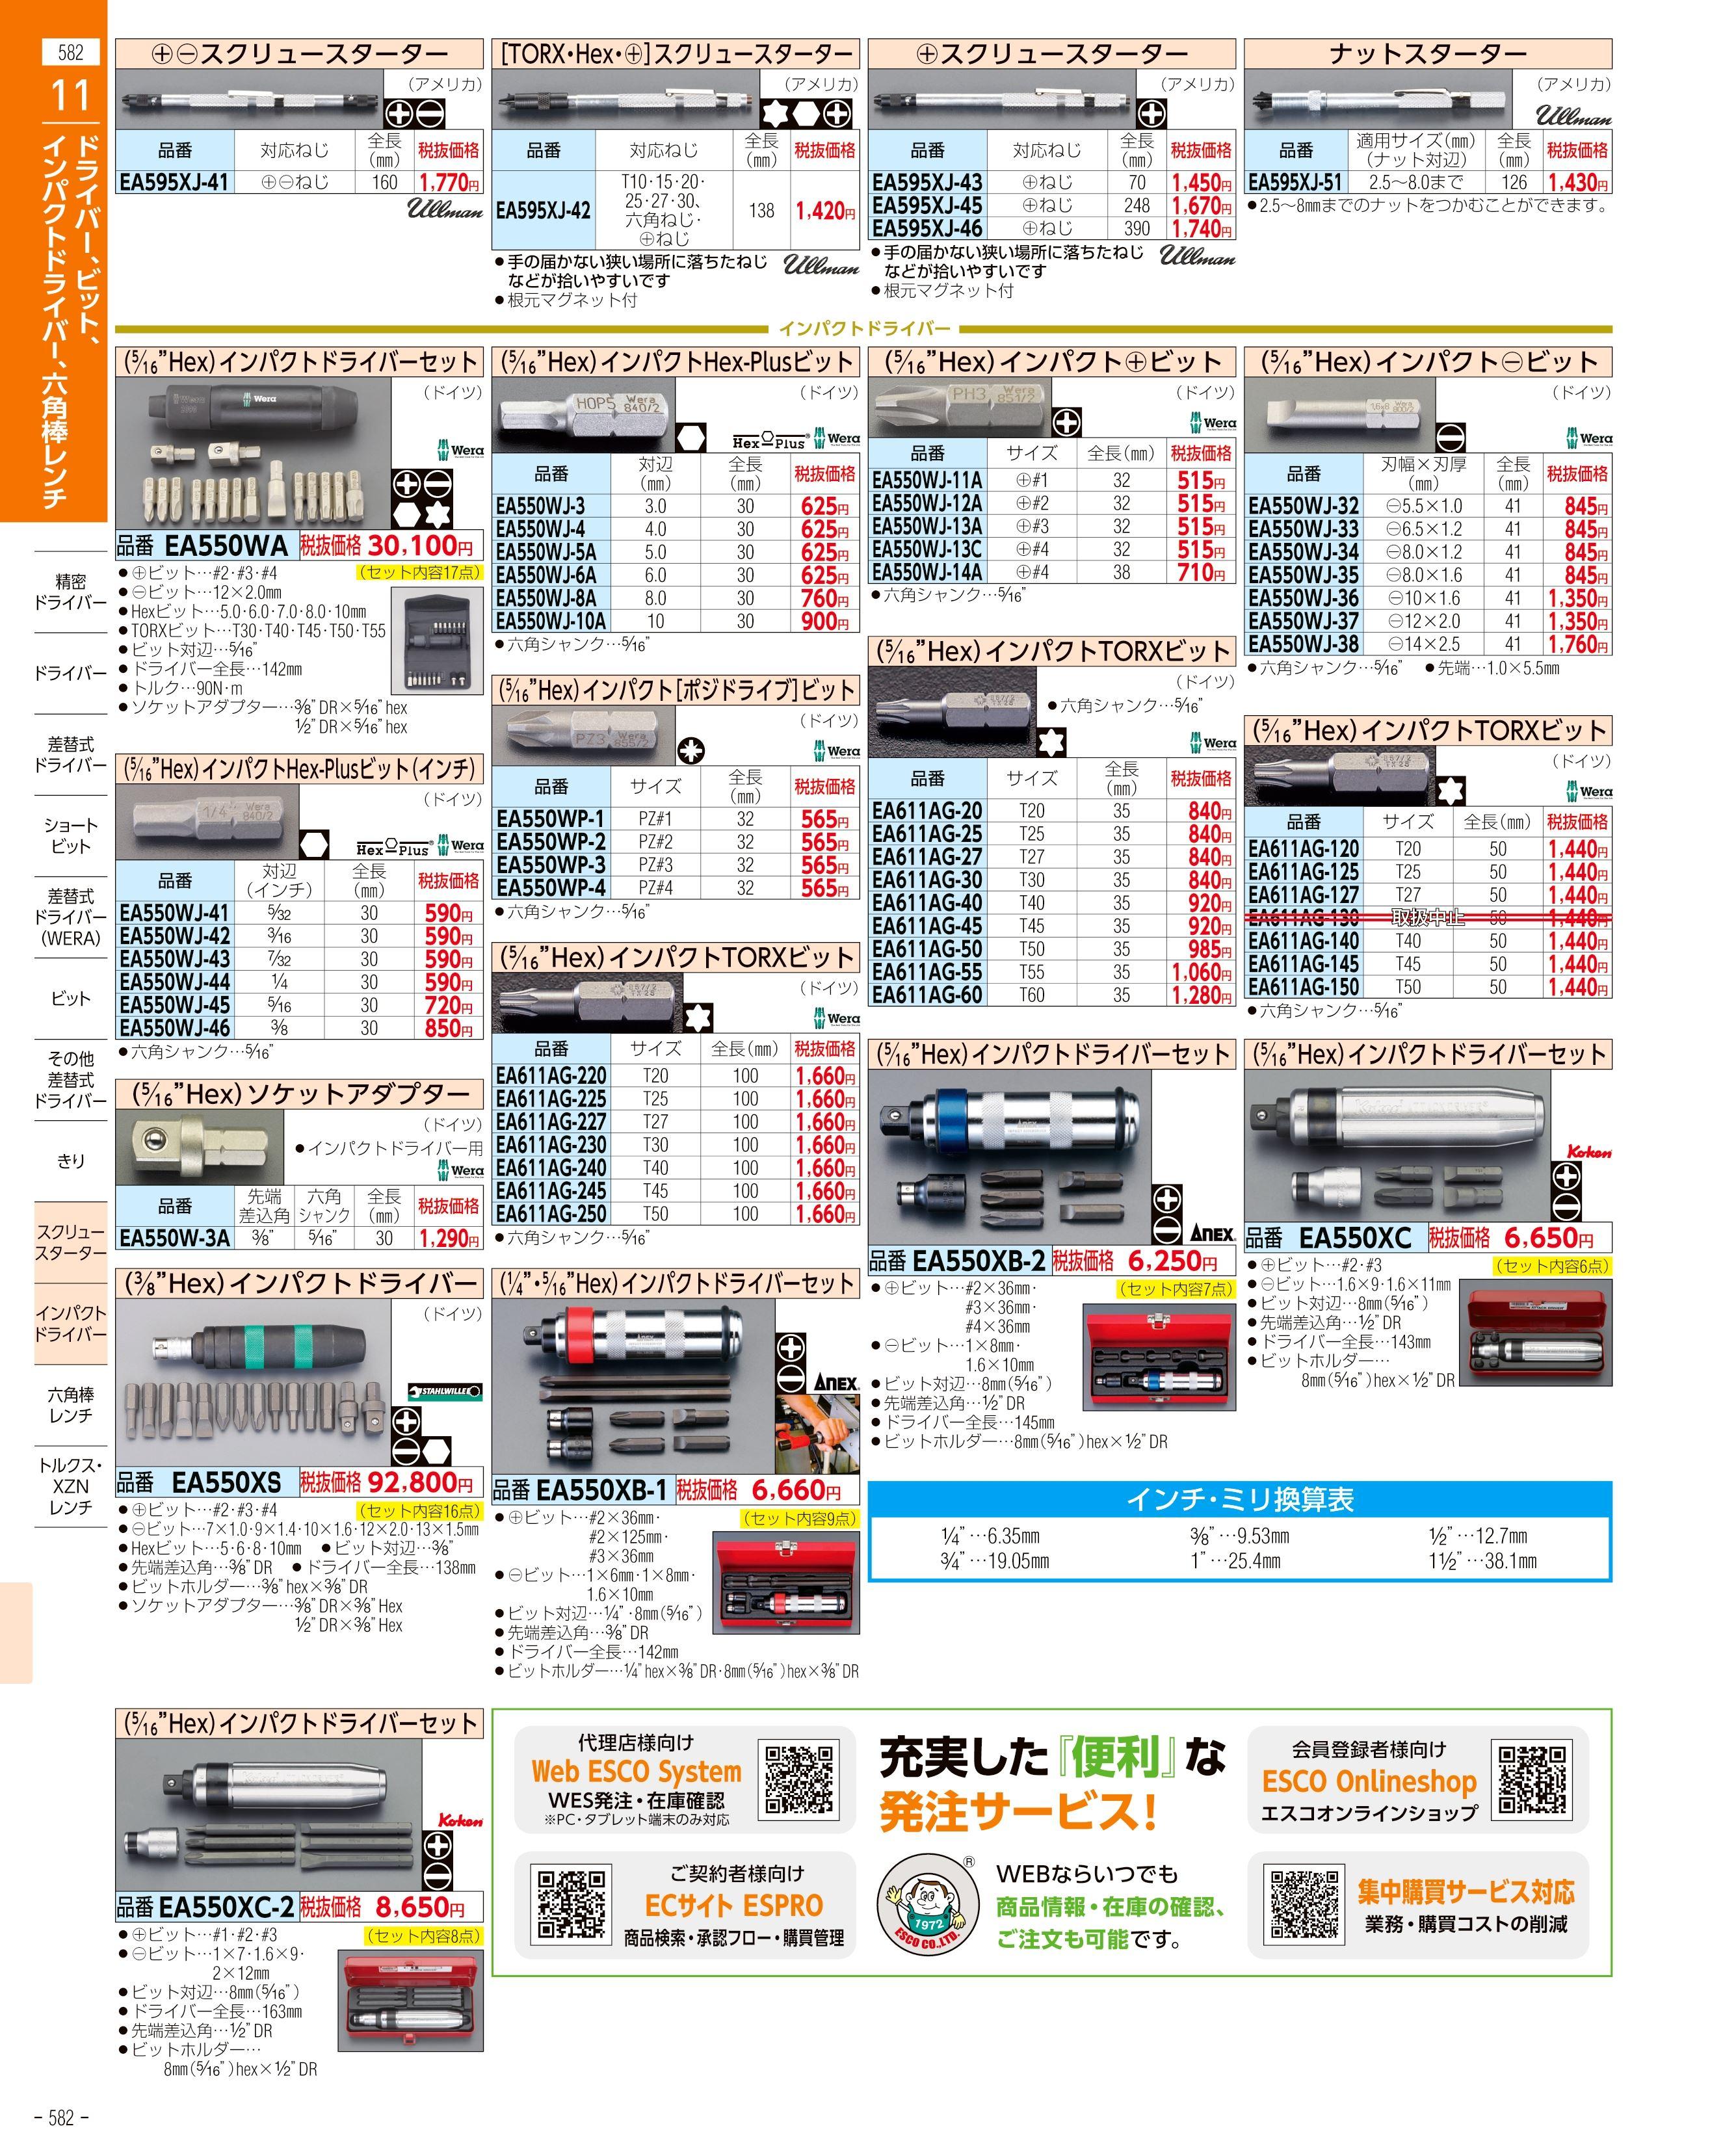 エスコ便利カタログ582ページ